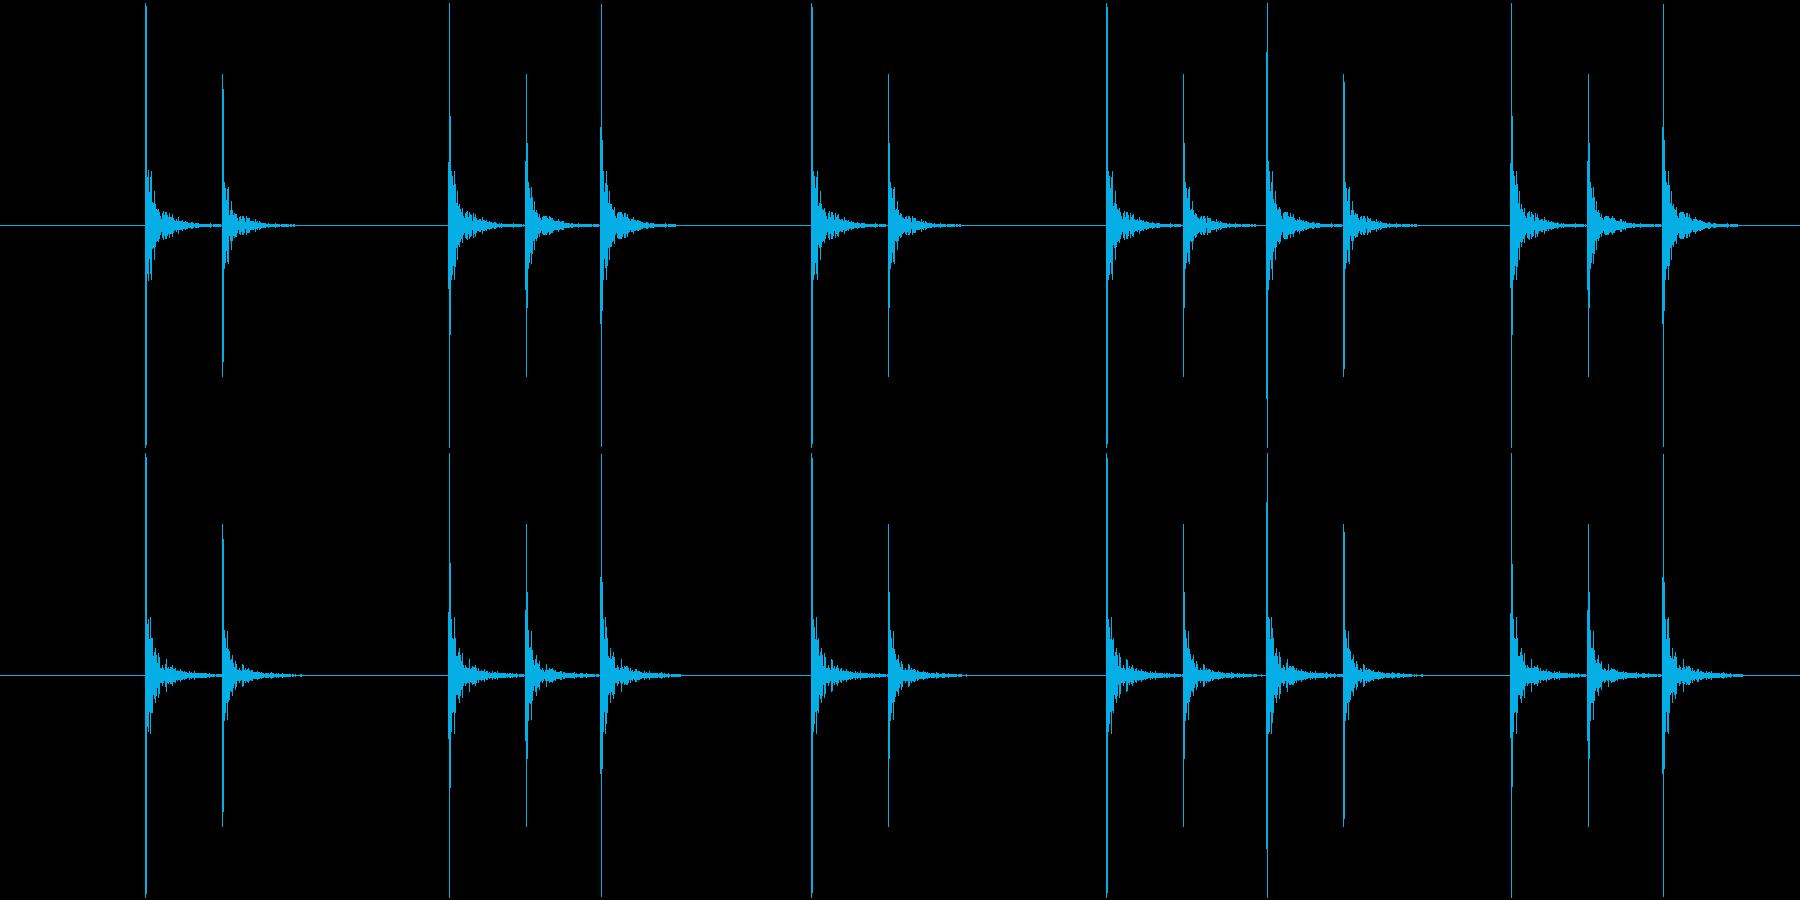 コンコンという連続したノック音の再生済みの波形